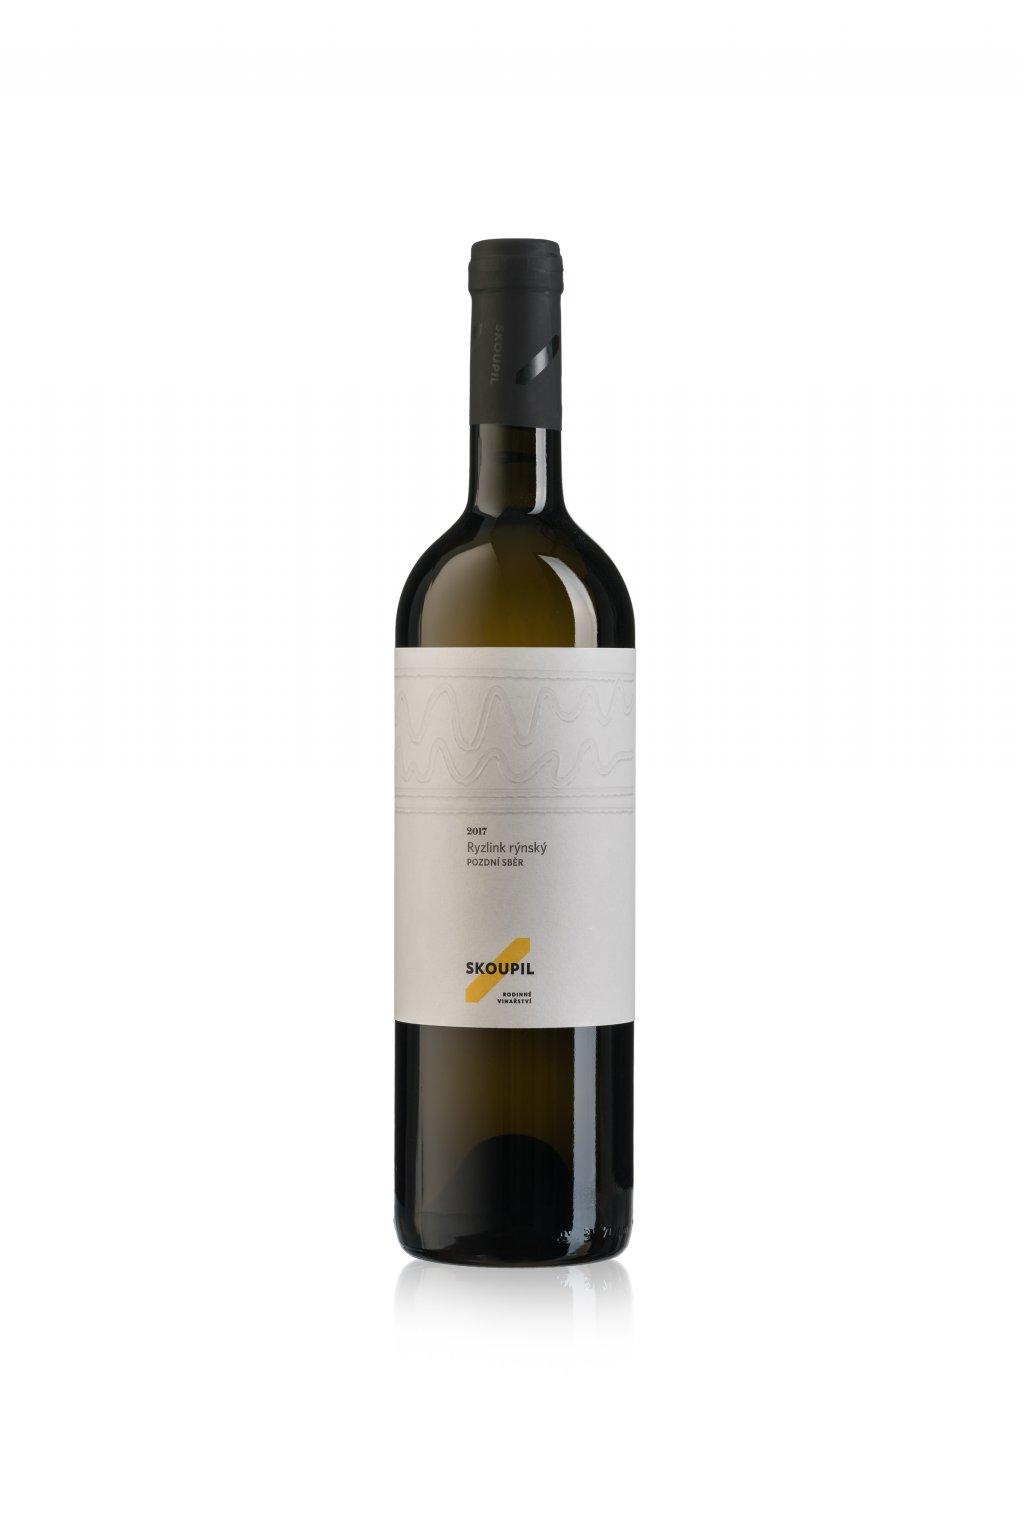 Veltlínské zelené 2018, moravské zemské víno